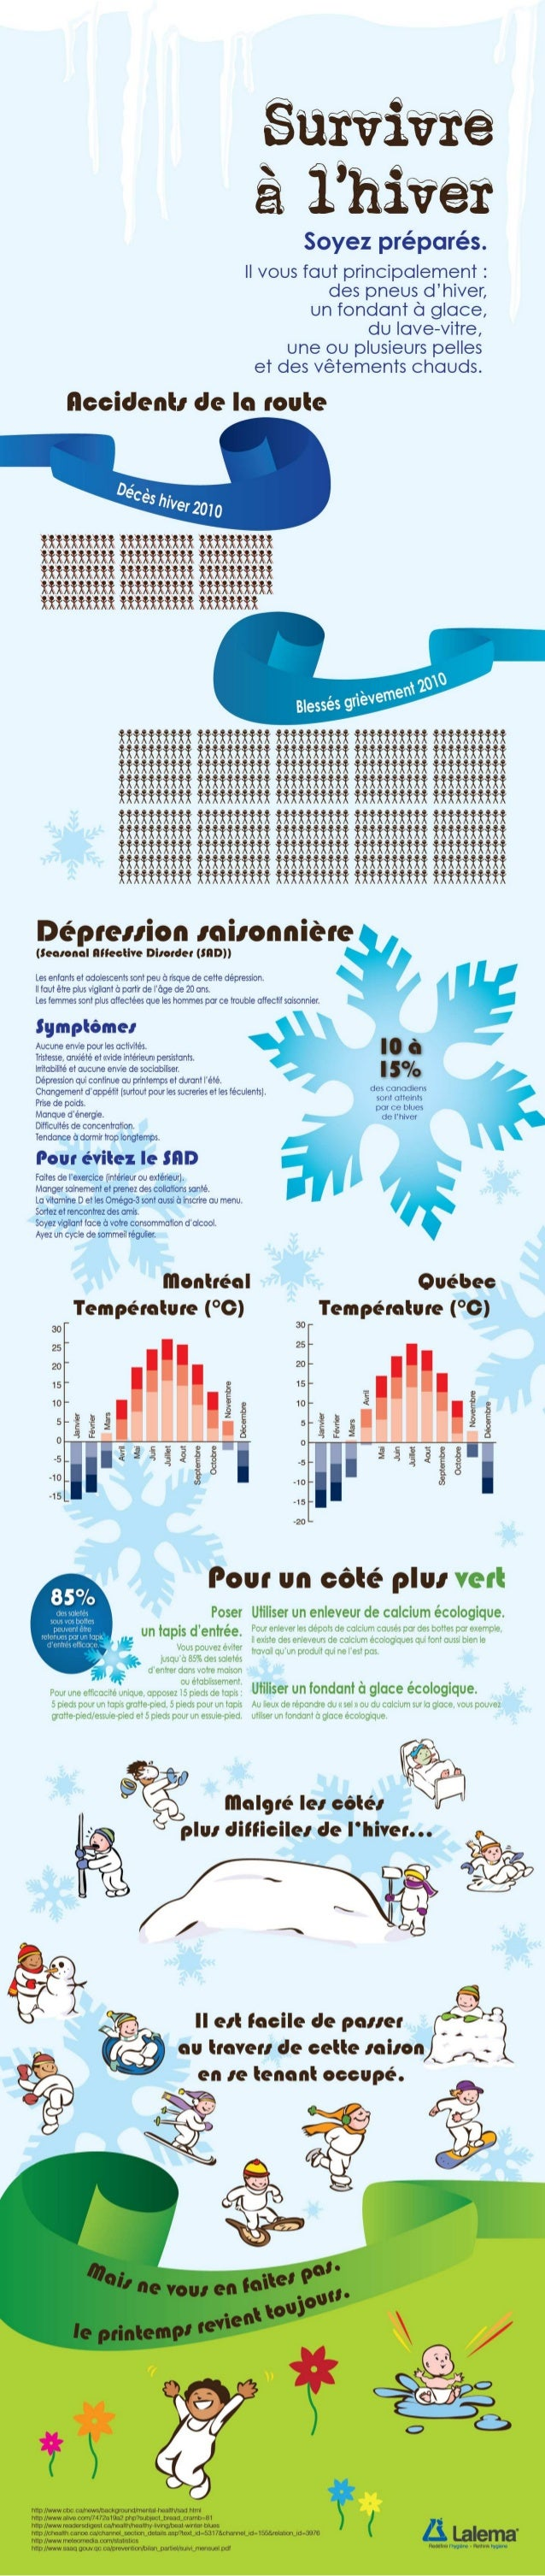 Comment survivre à l'hiver